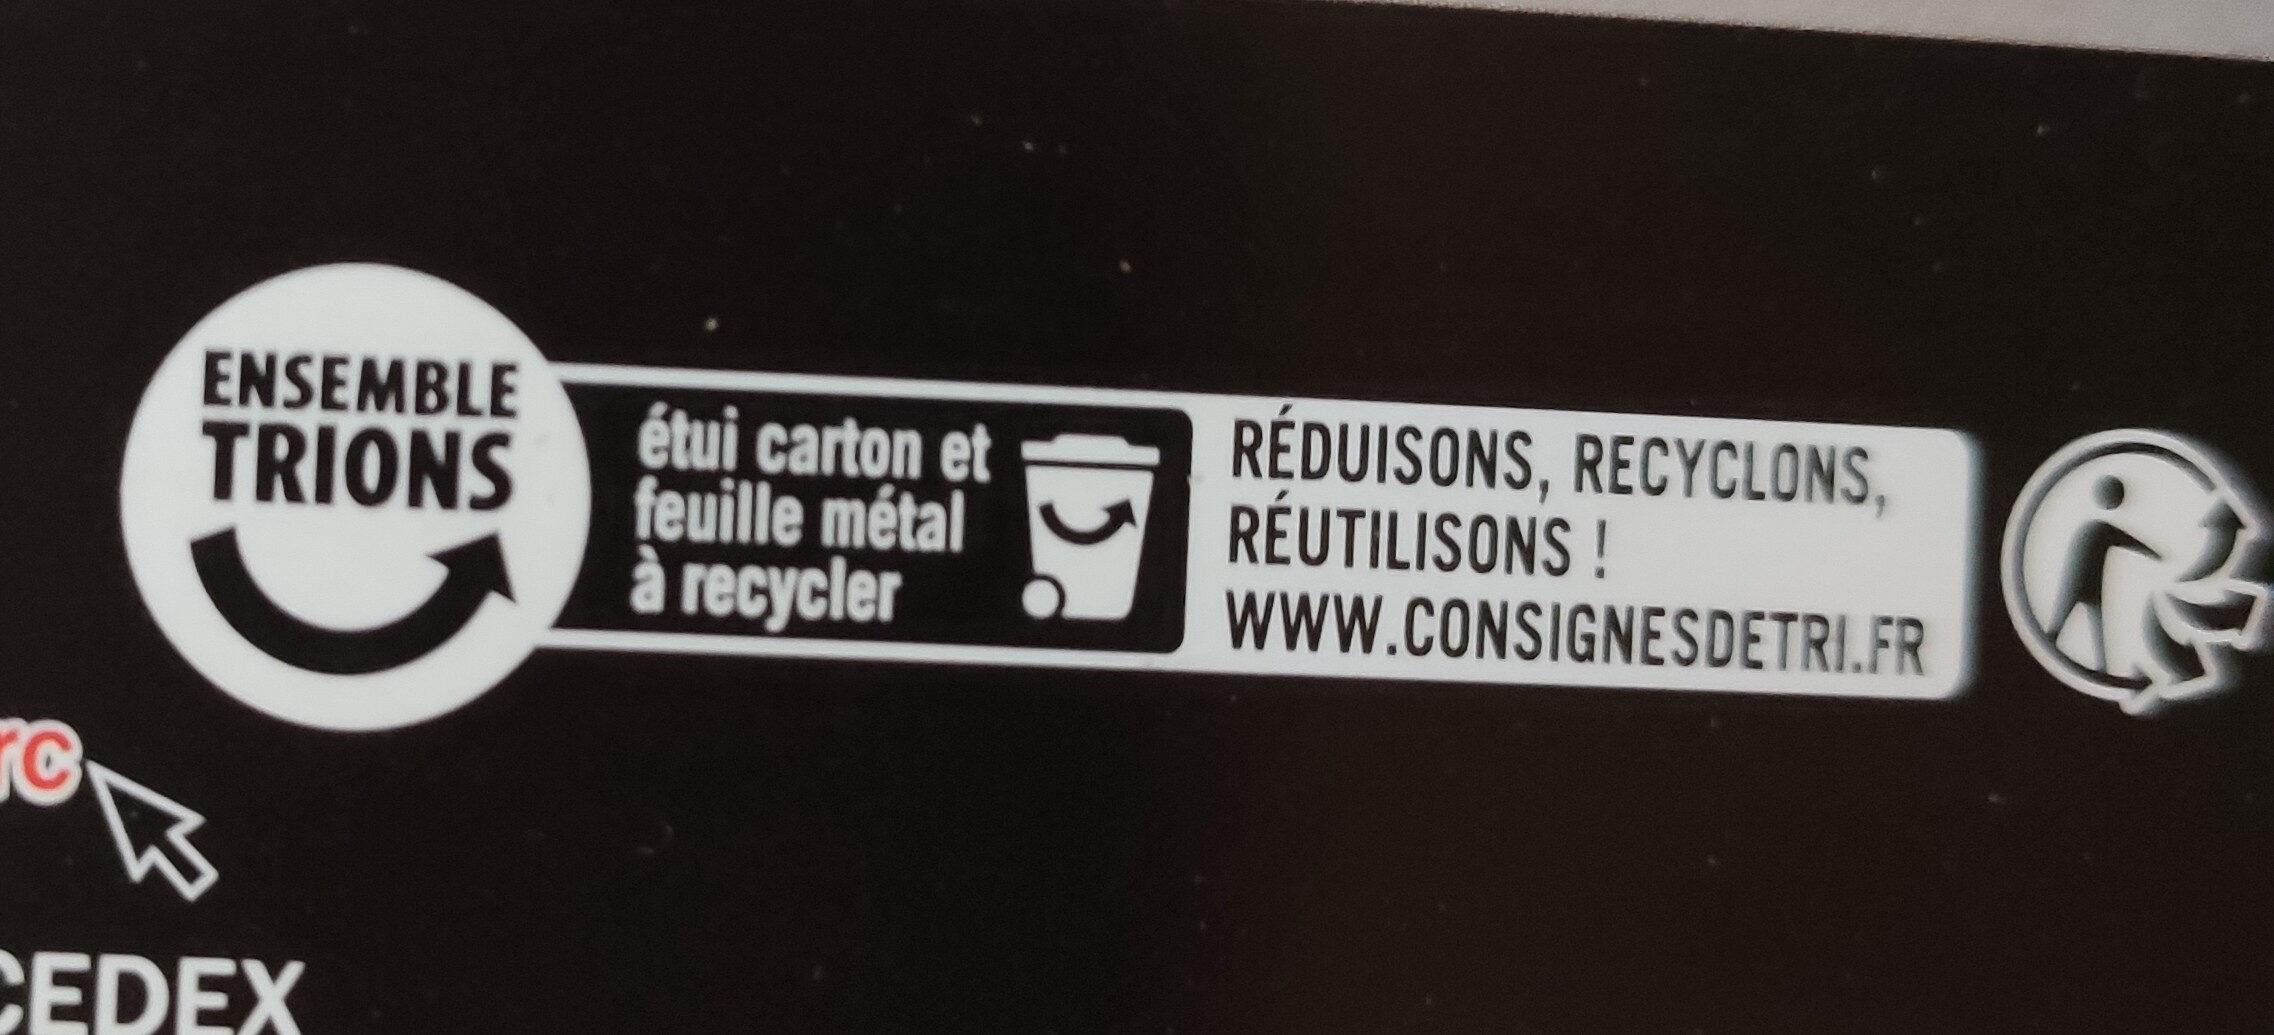 Chocolat noir 85% cacao - Instruction de recyclage et/ou informations d'emballage - fr